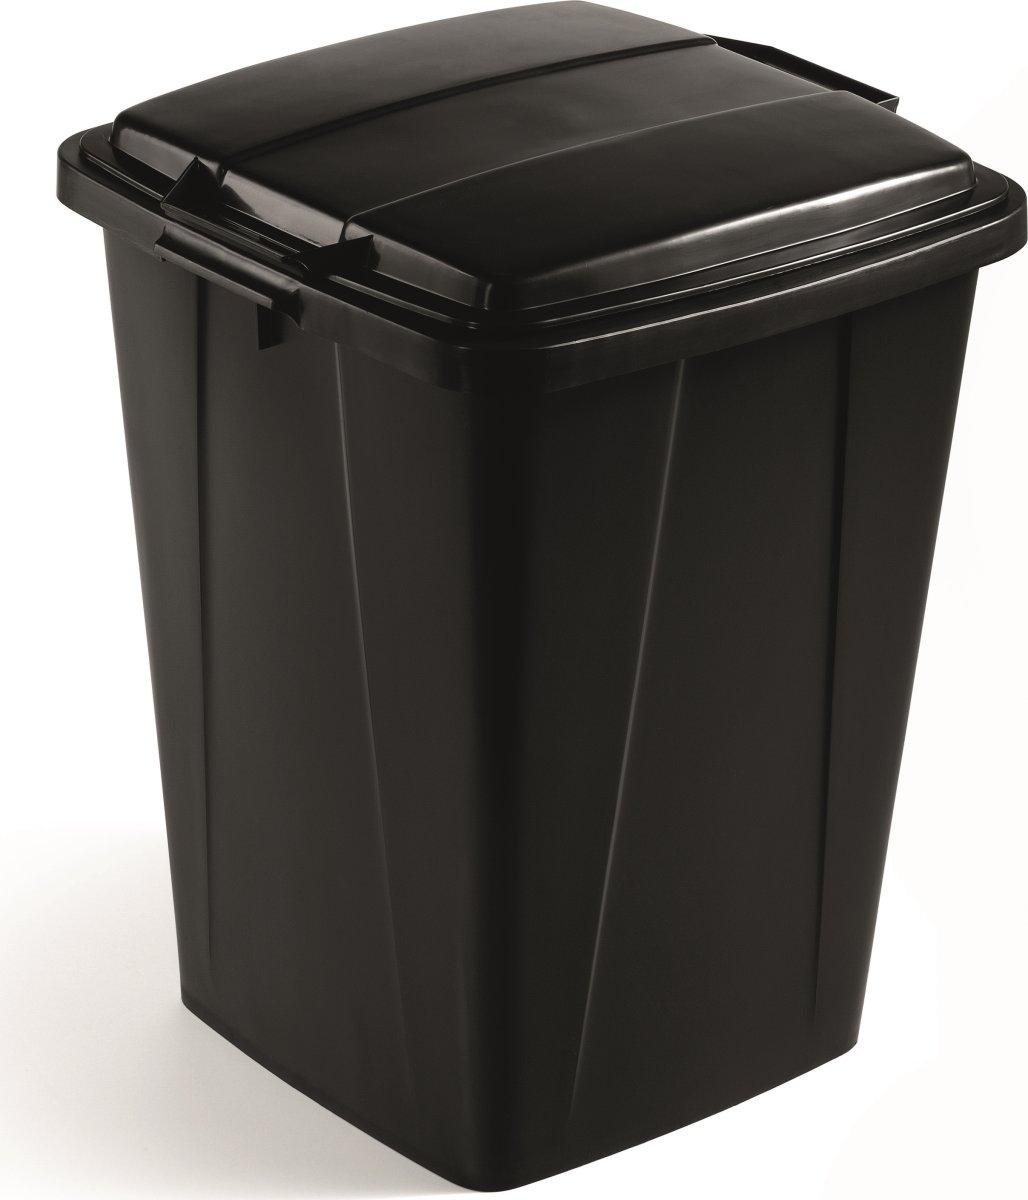 Låg affaldsspand 90 l, Sort